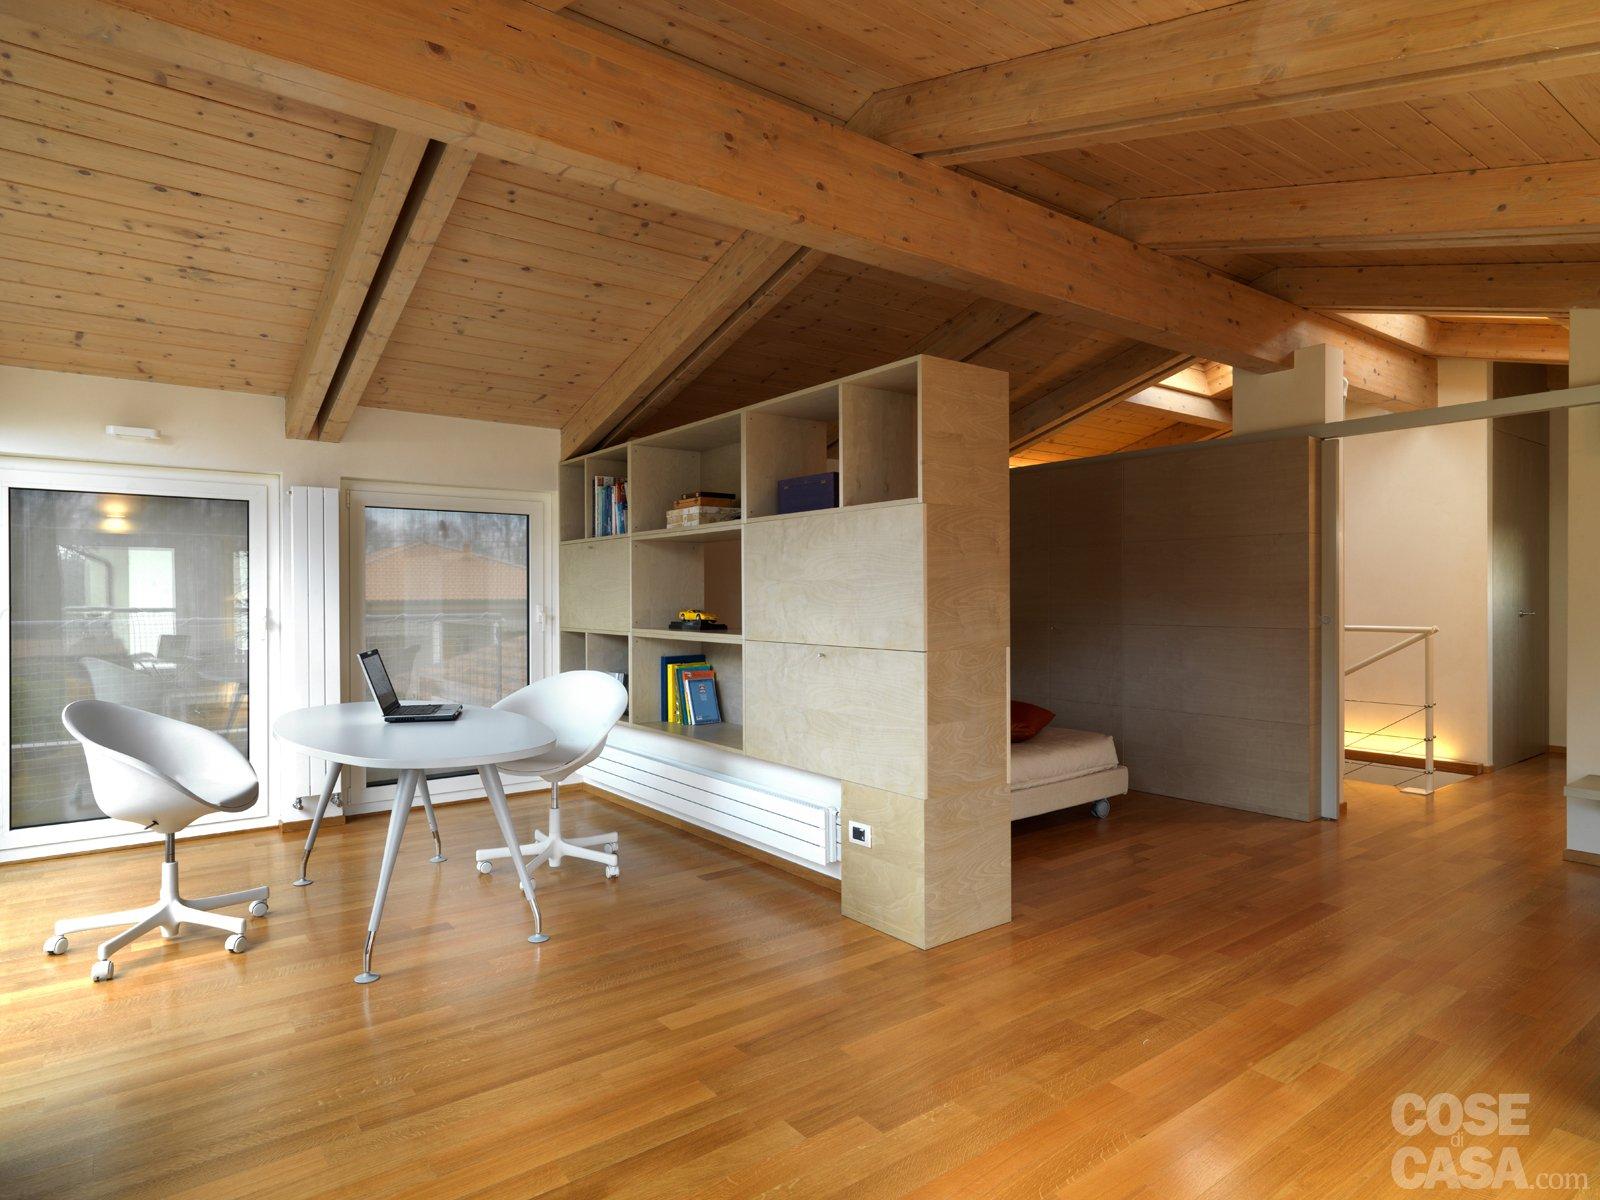 Casa moderna roma italy legno e metallo for Disegni di casa italiana moderna